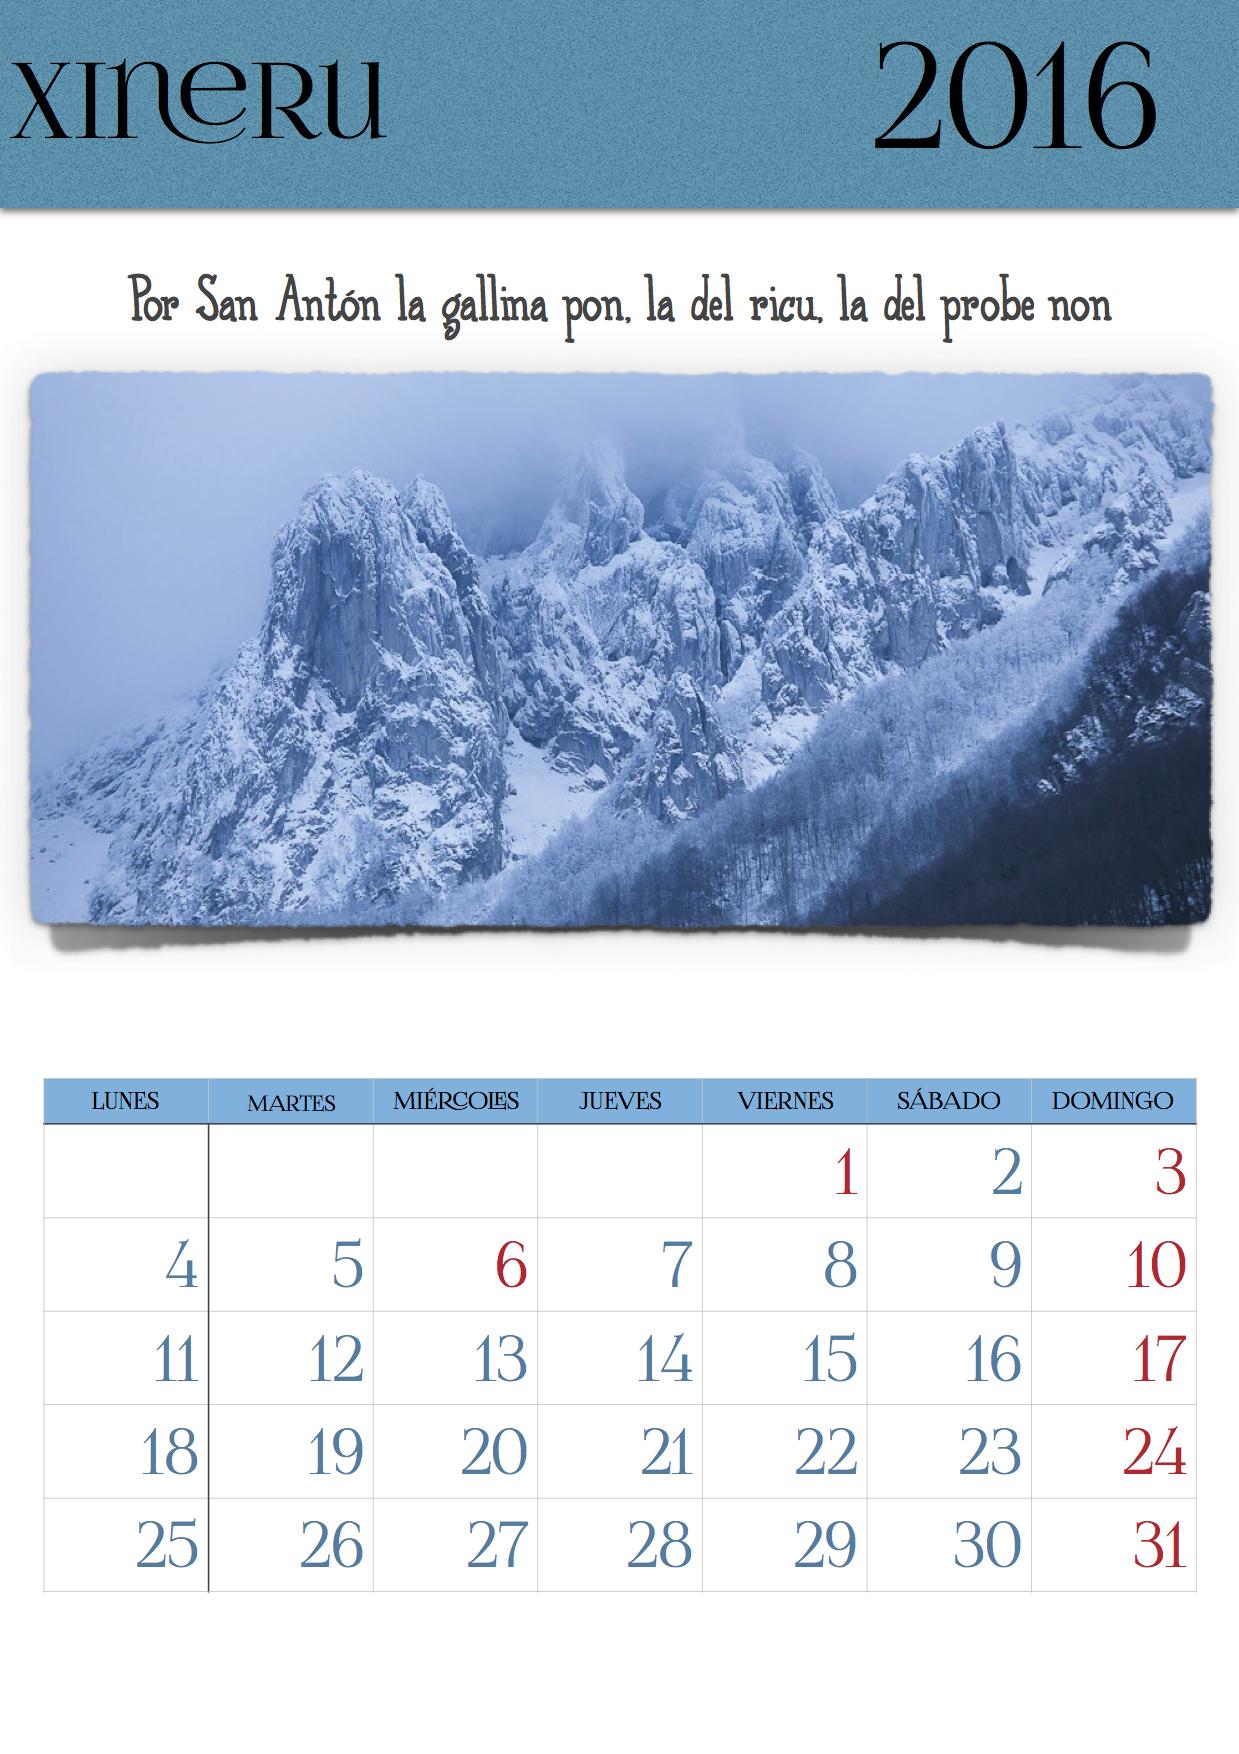 xineru'16